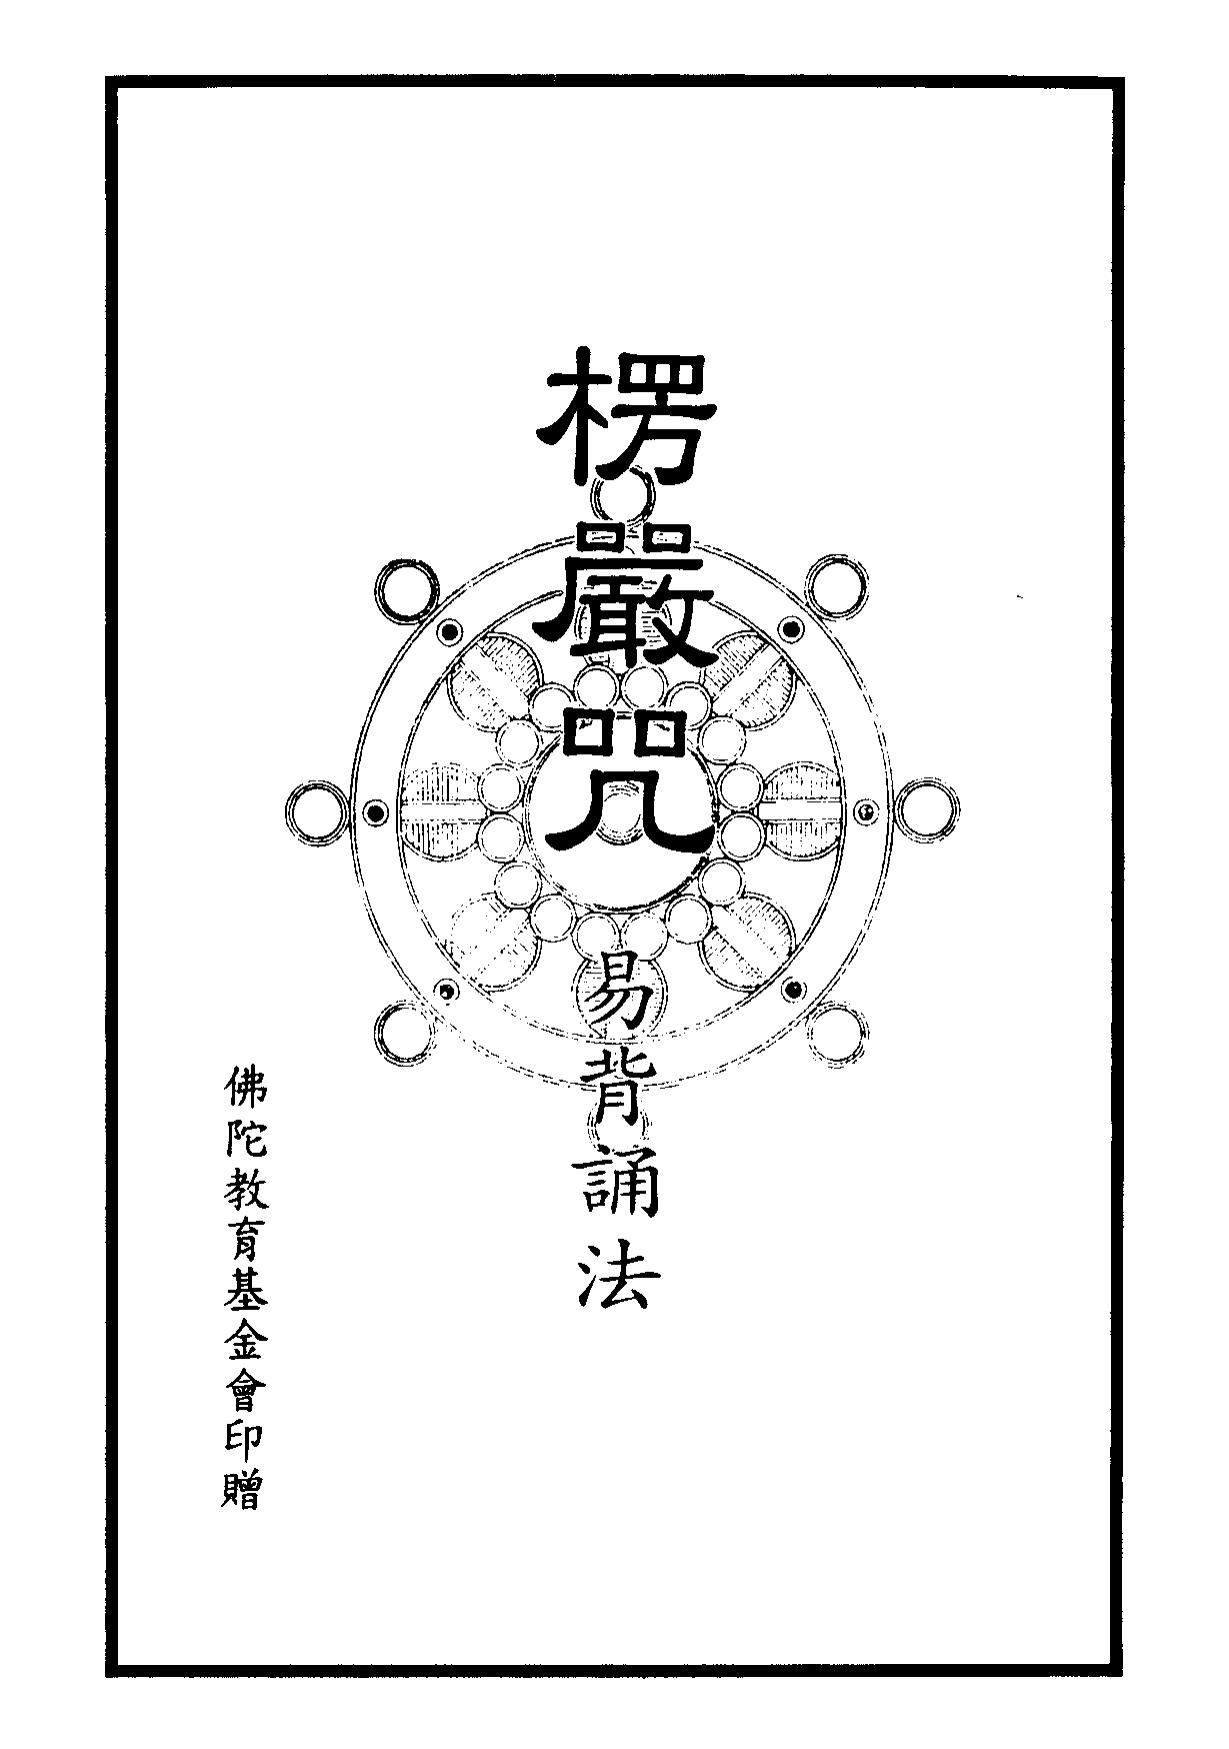 楞嚴咒-大悲咒-十小咒-易背本 1.png